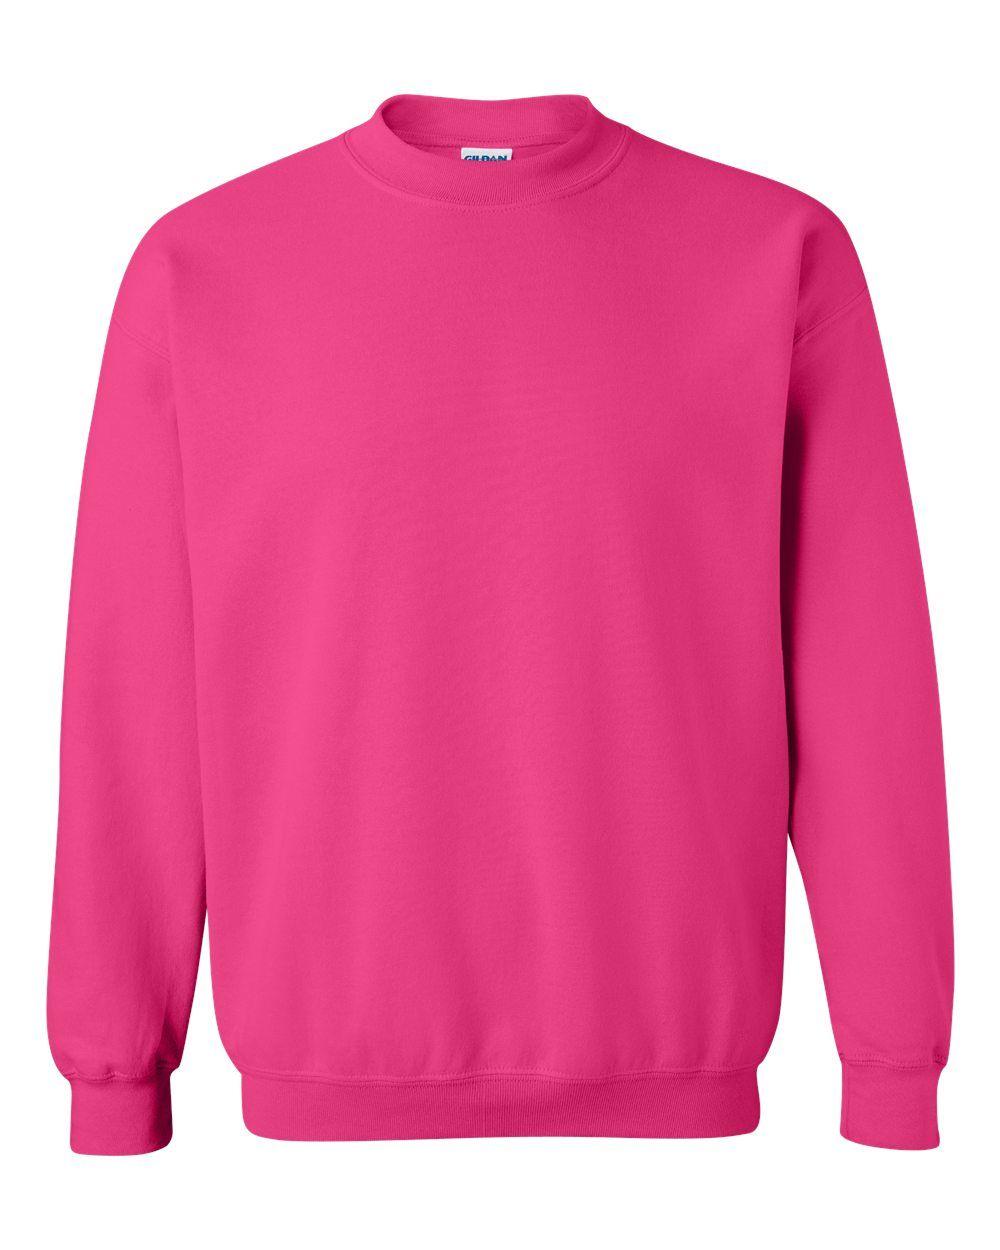 Gildan Heavy Blend Crewneck Sweatshirt 18000 Heliconia X Large Gildan Sweatshirts Sweatshirts Crew Neck Sweatshirt [ 1250 x 1000 Pixel ]